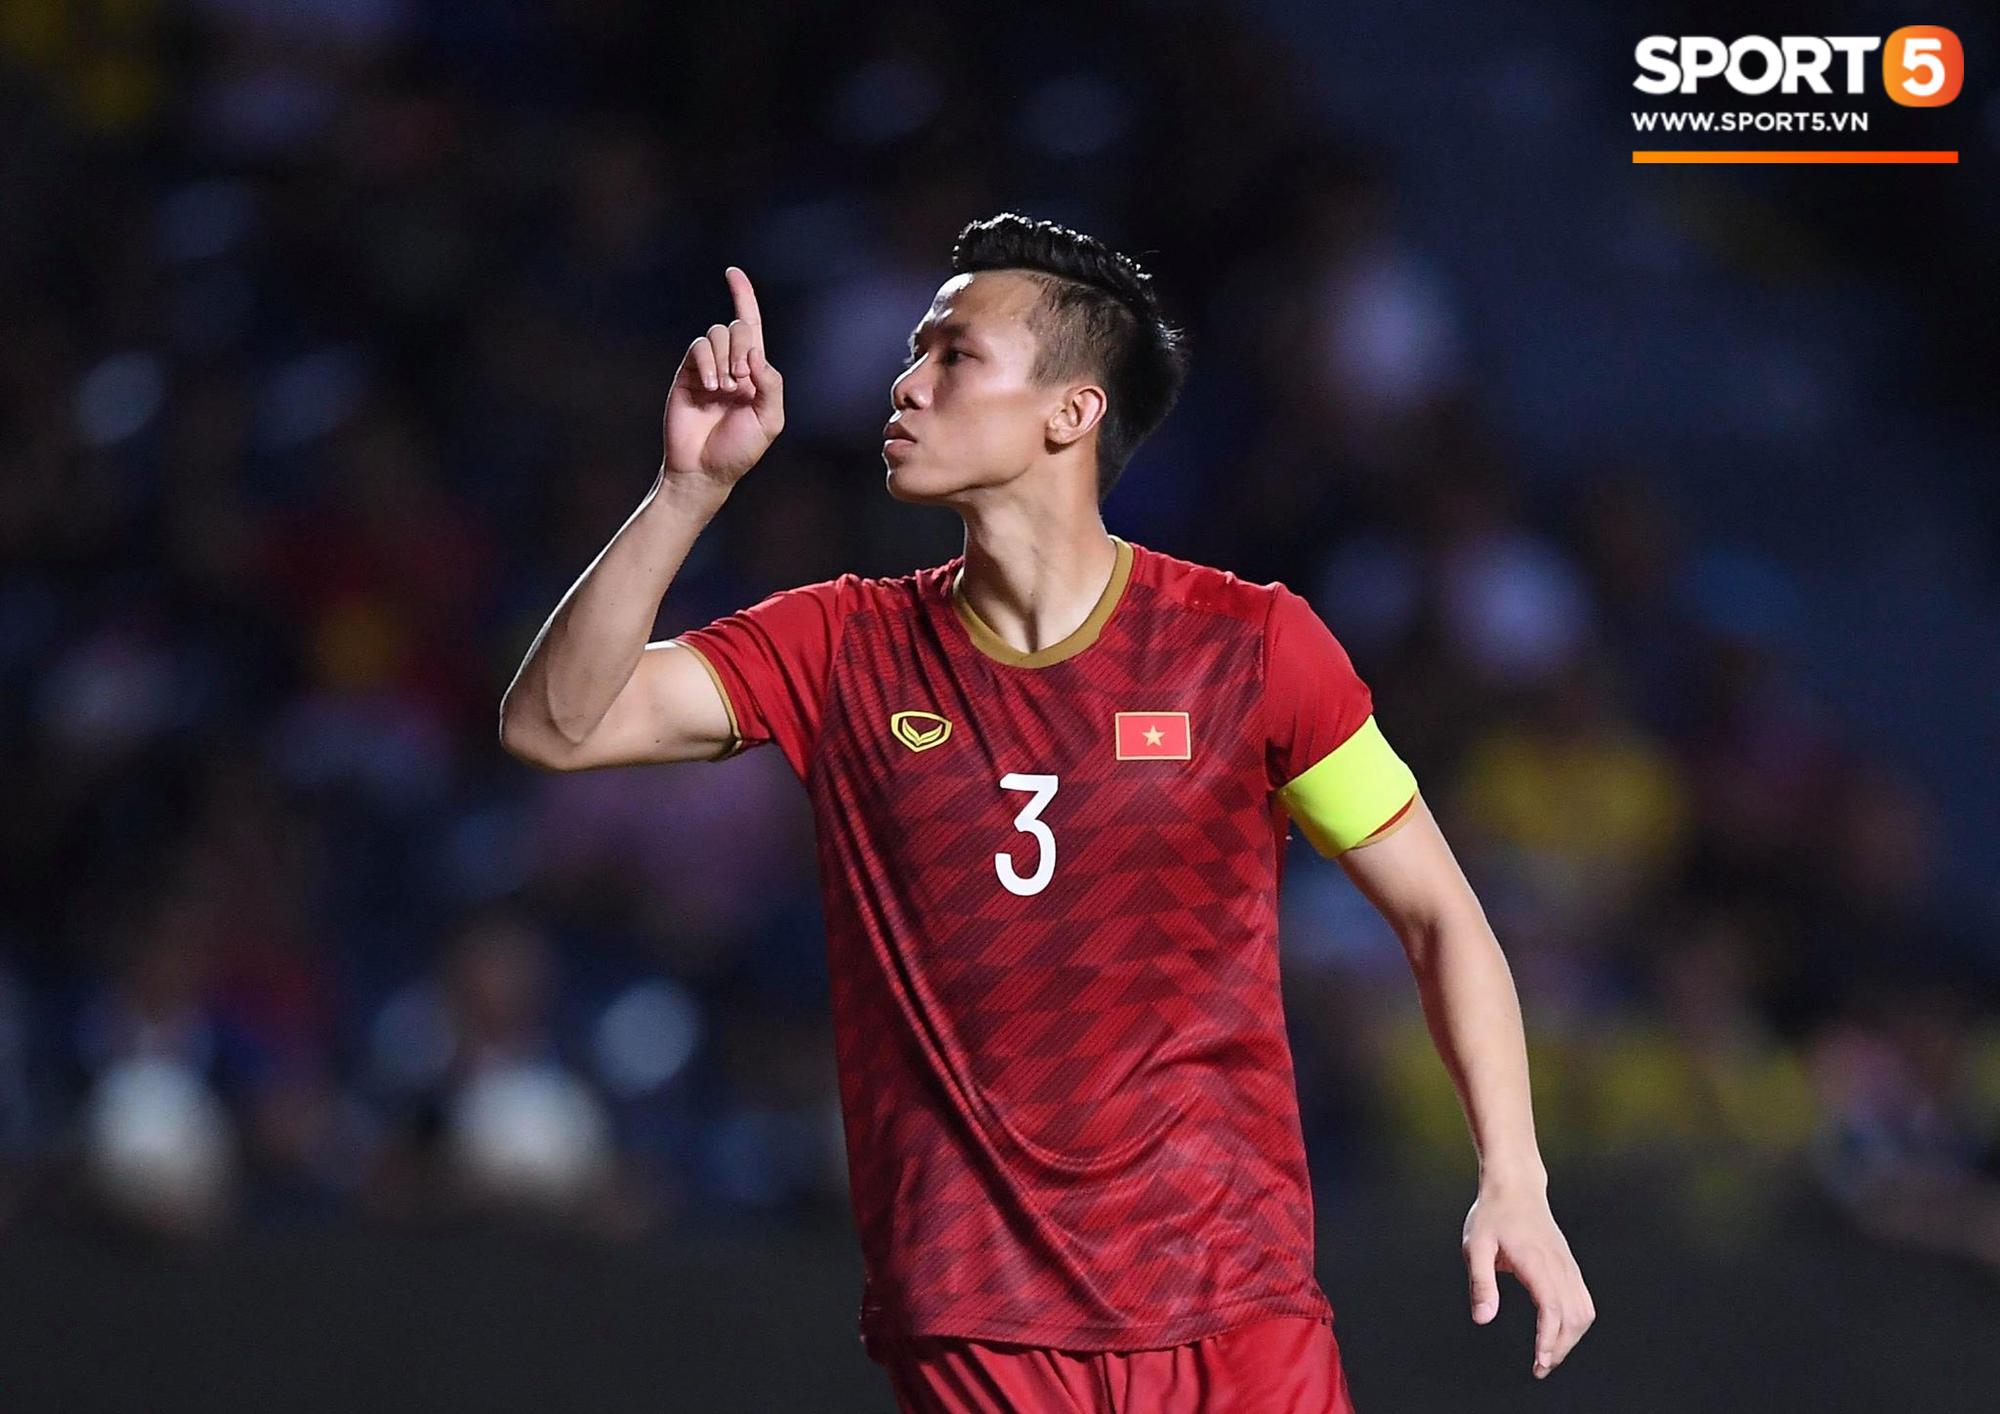 Chẳng cần phải gắt, đội trưởng tuyển Việt Nam chỉ cần hành động thế này thôi đã đủ khiến những fan Thái đội lốt Curacao phải xé lòng - Ảnh 2.